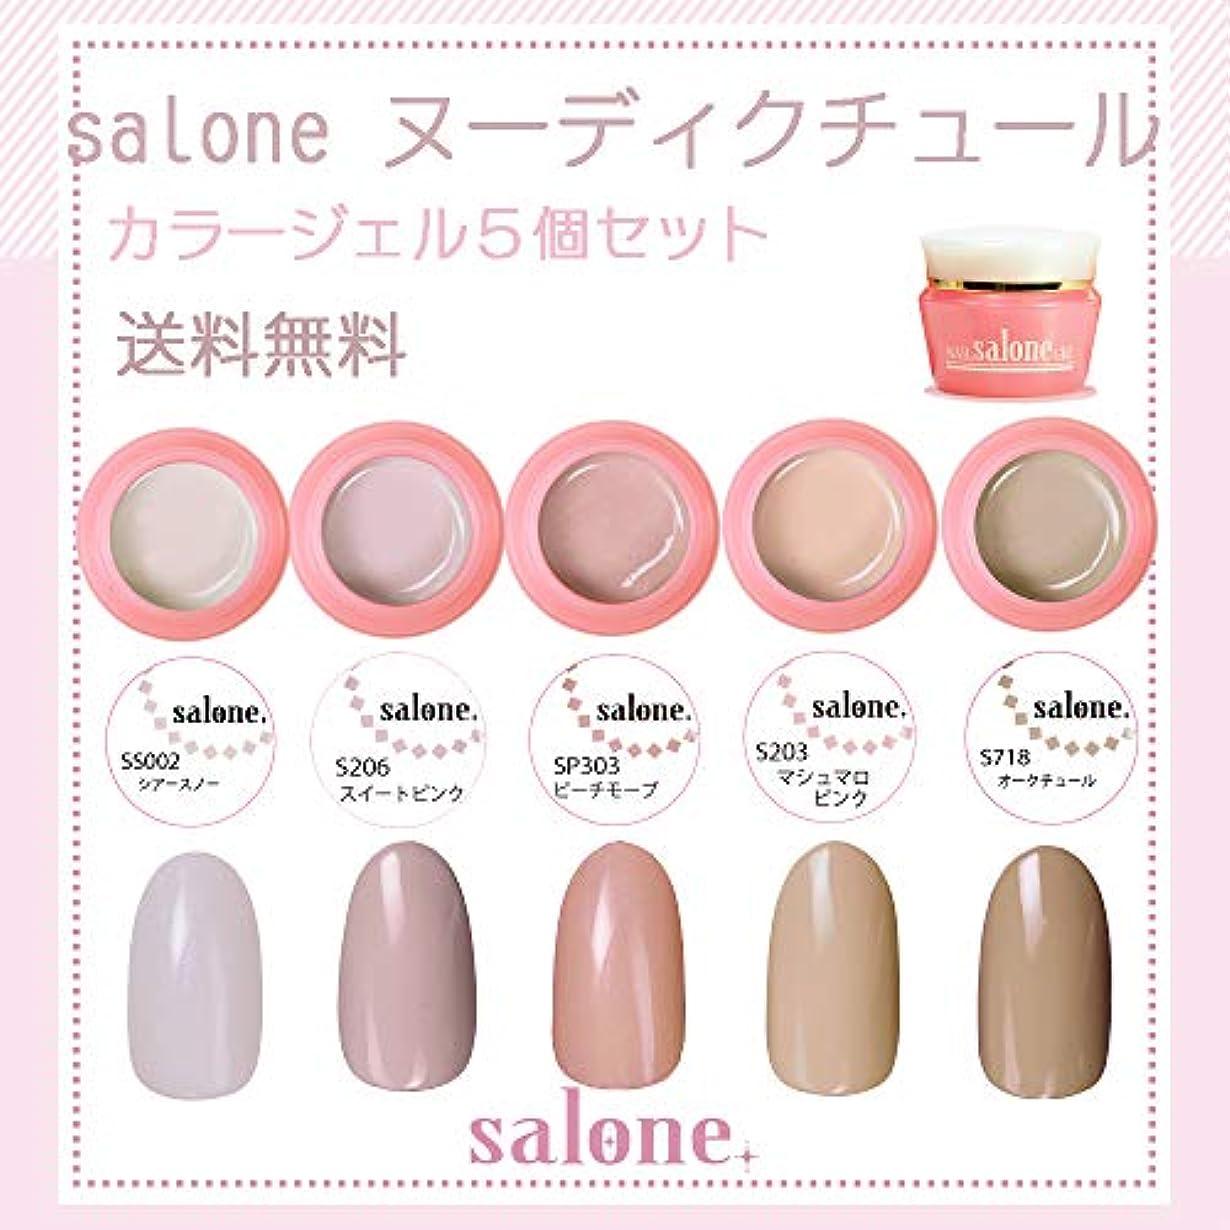 第五システム蒸発【送料無料 日本製】Salone ヌーディクチュール カラージェル5個セット 上品で肌なじみの良いカラー